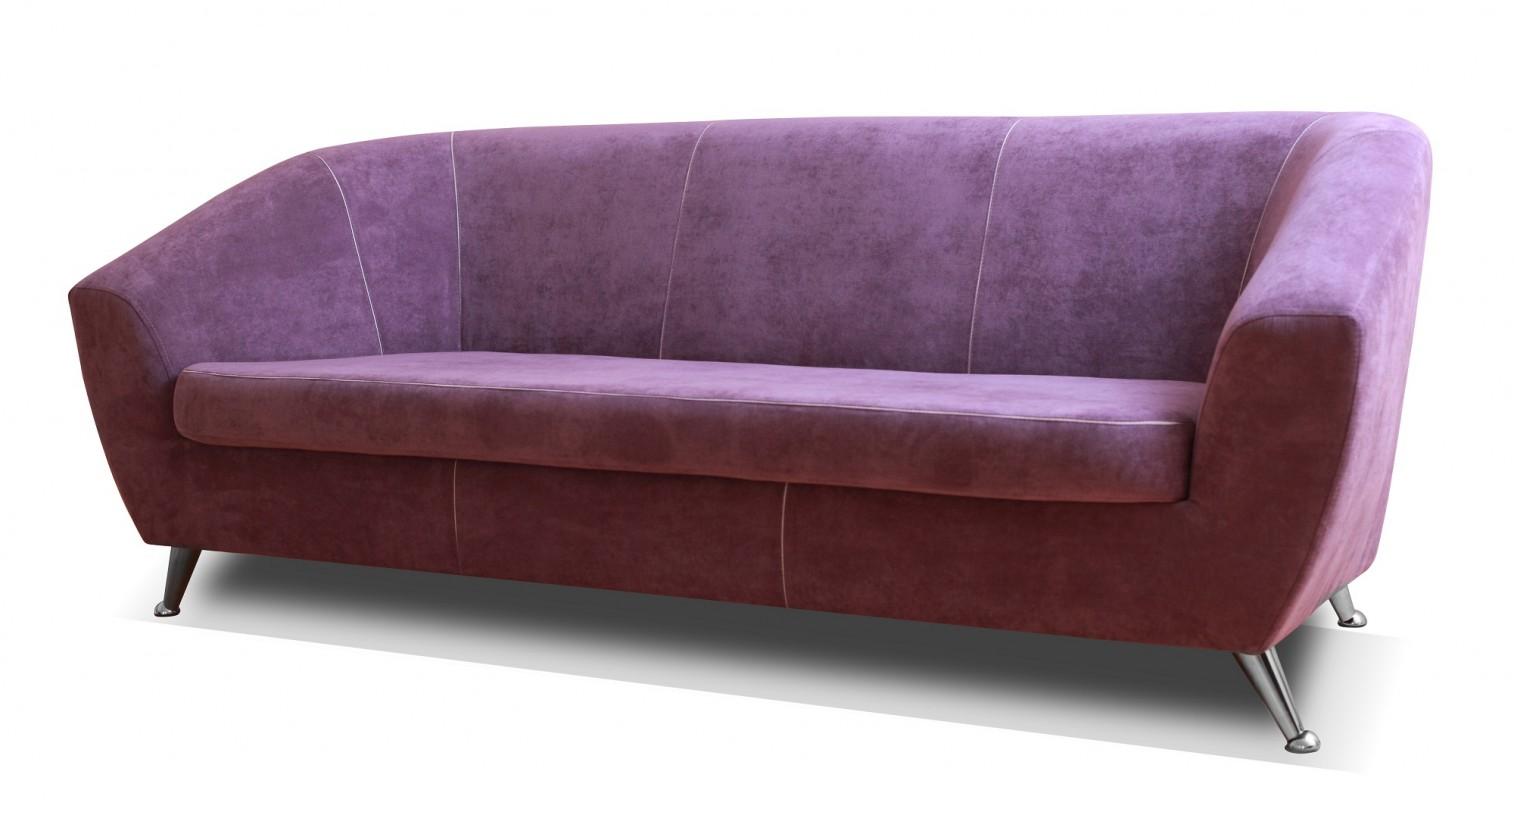 Trojsedák Trojsedačka Lira fialová